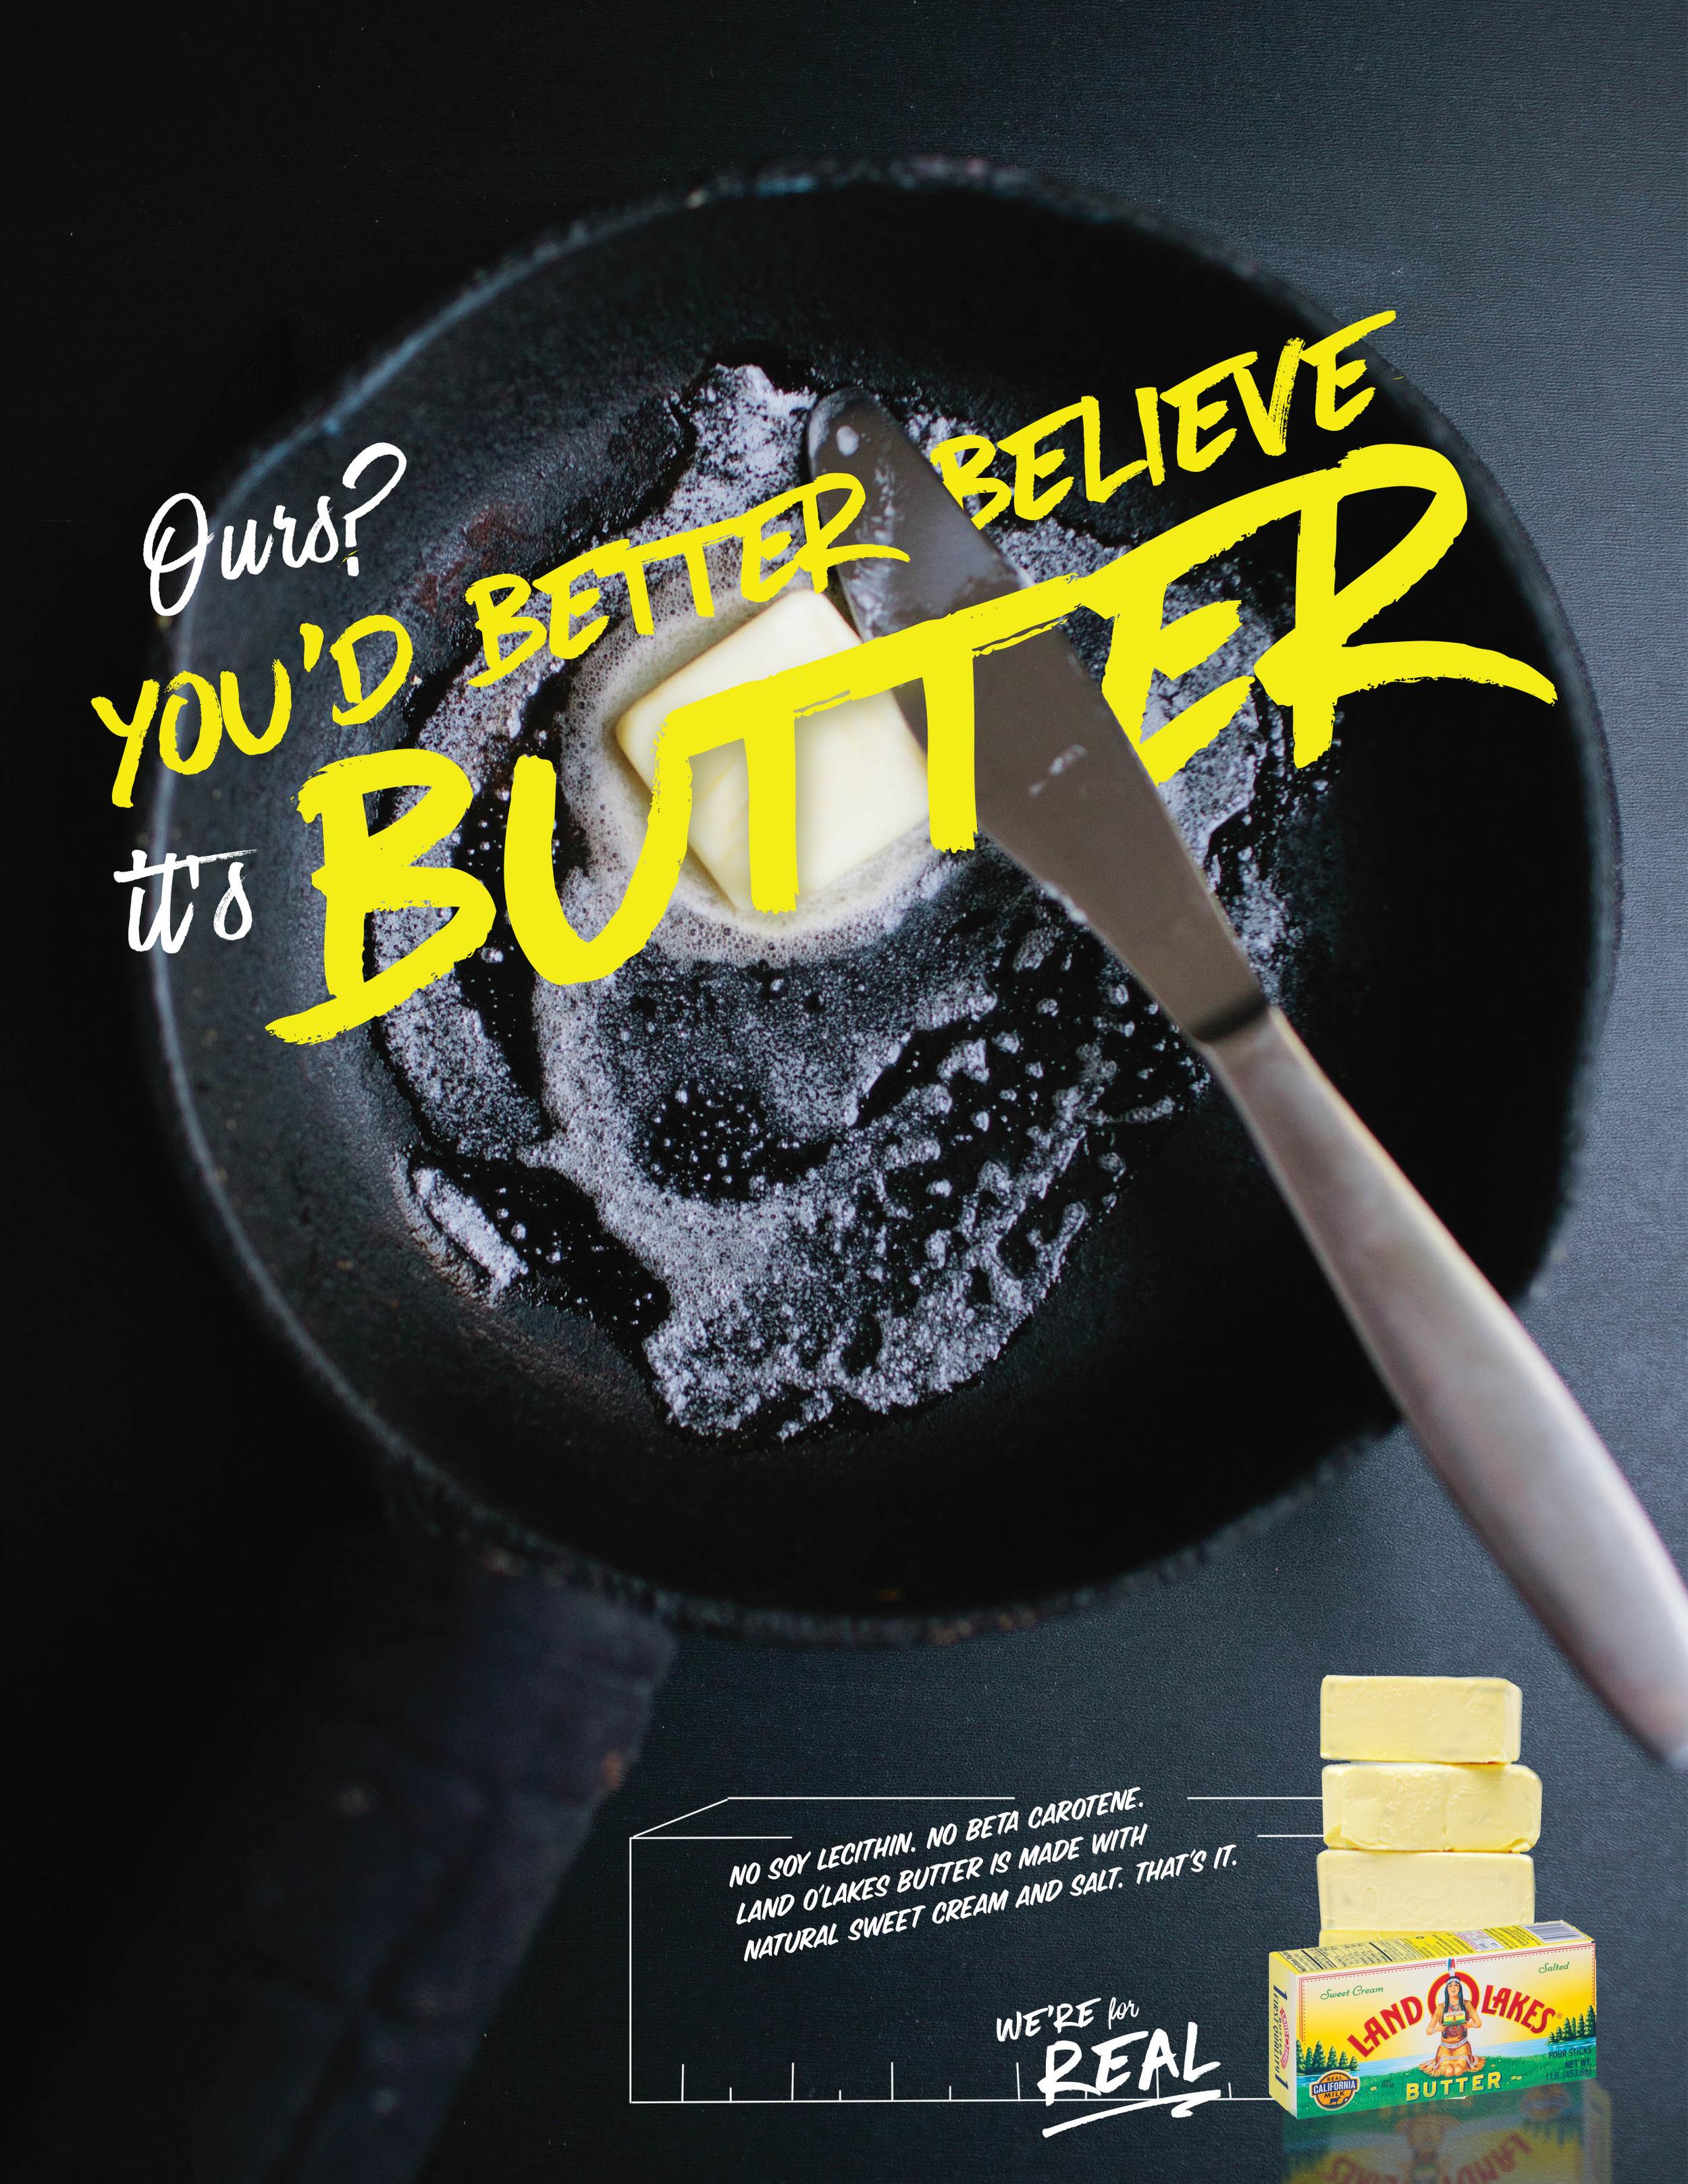 Butter+ad_web.jpg